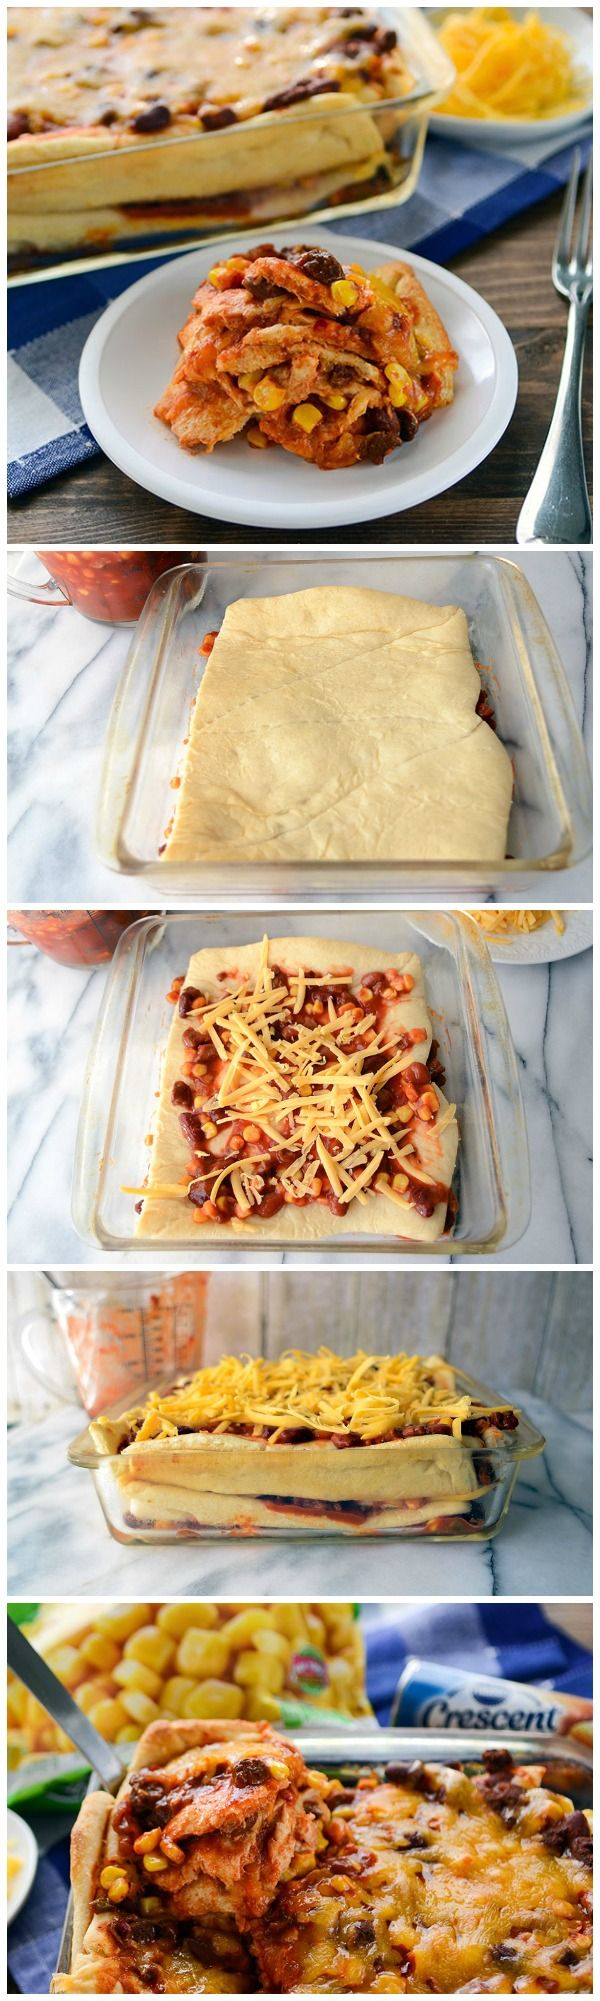 crescent dough (instead of noodles)!: Crescent Lasagna, Chili Crescent ...